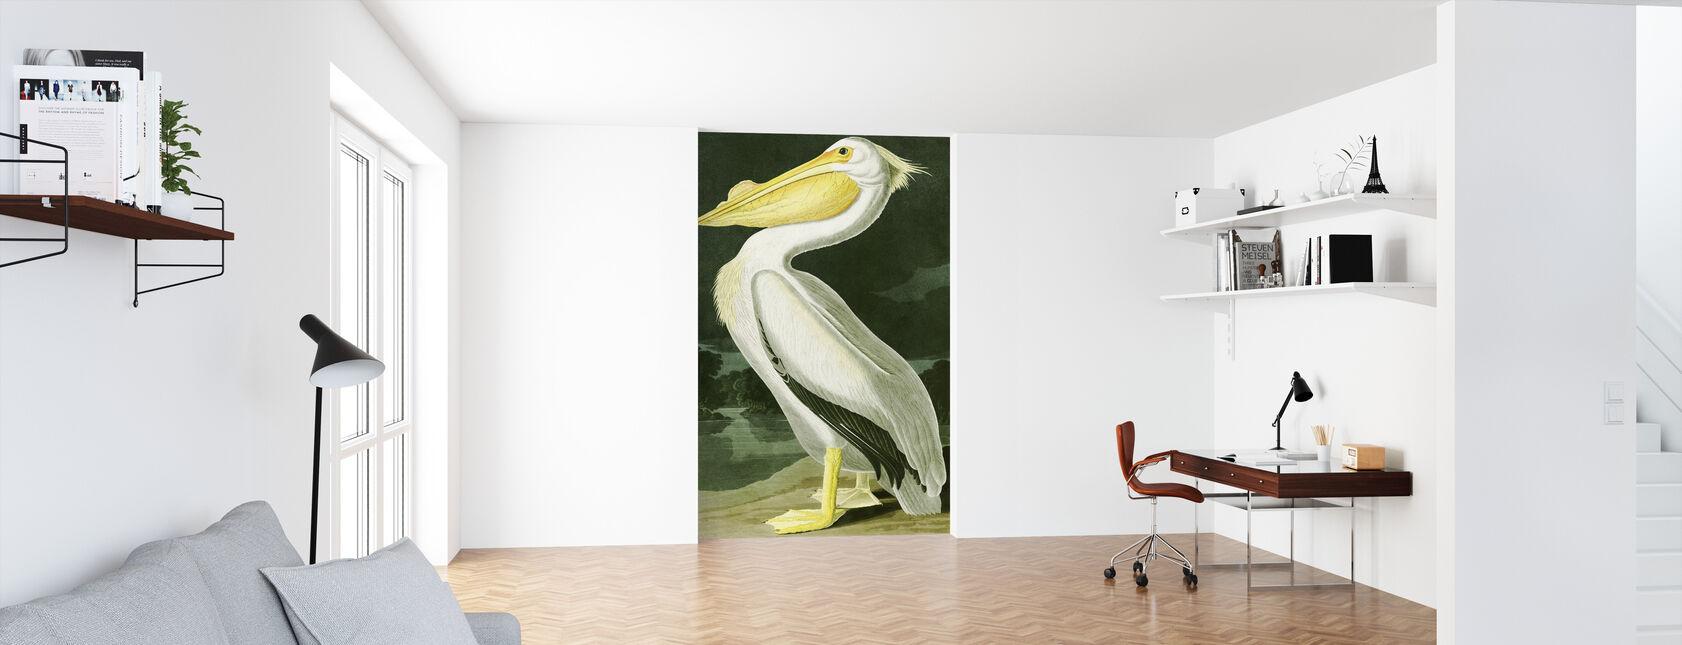 White Pelican - John James Audubon - Wallpaper - Office